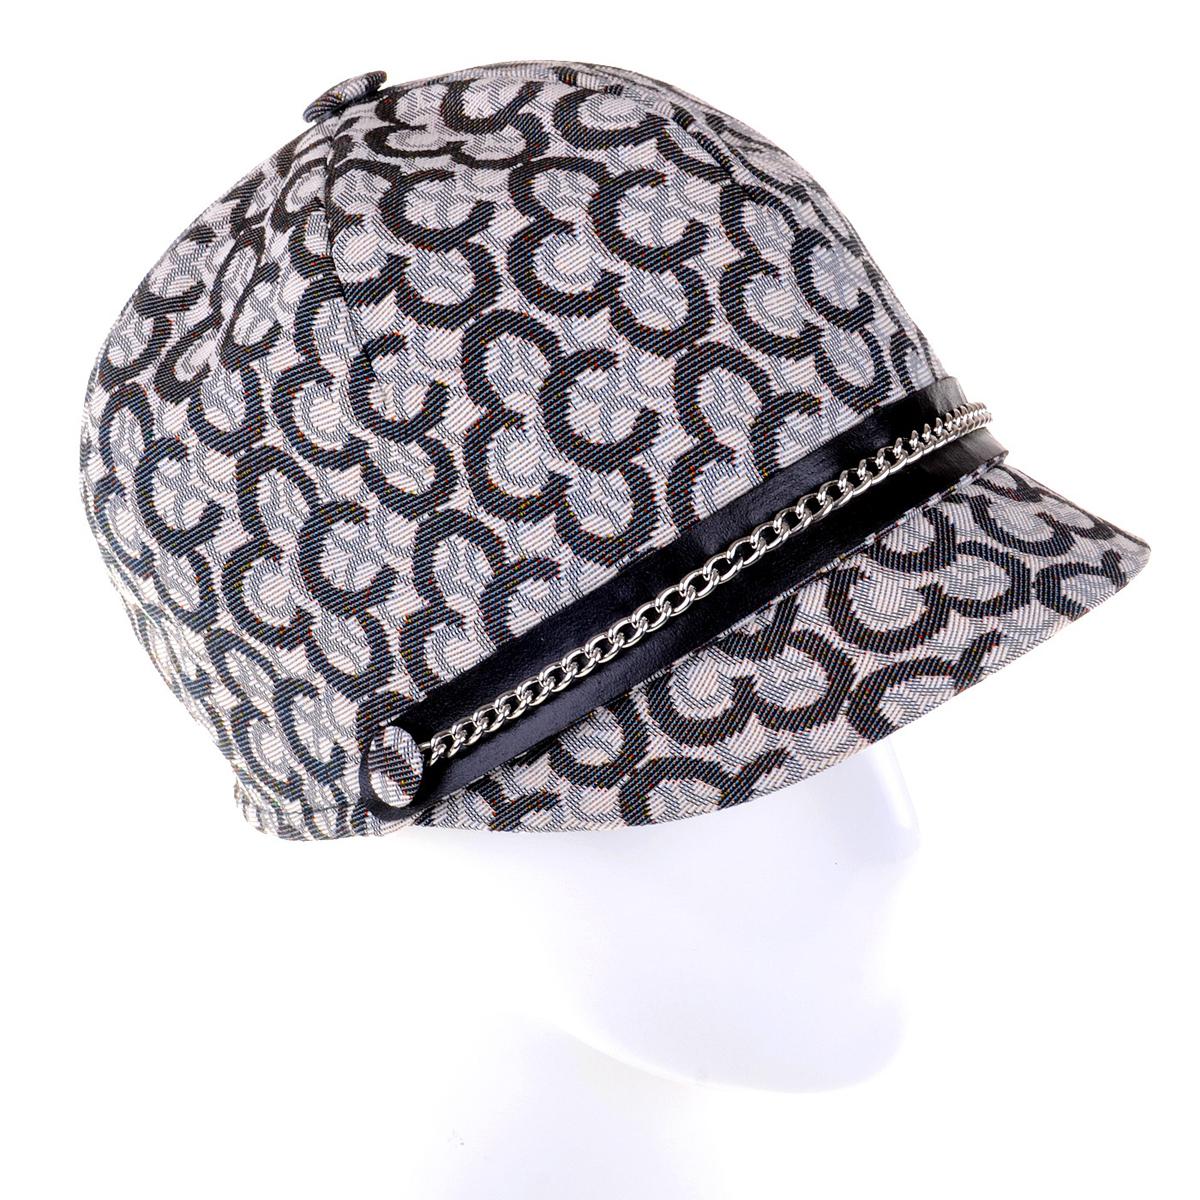 Шляпа женская. RC0163RC0163Шляпа жокейка на пике популярности этой весной. В этом сезоне итальянский бренд Dispacci представил свою коллекцию бейсболок и модных шляп. Шляпа выполнена из высококачественного текстиля. Принт на ткани в виде логотипа бренда, сам текстиль выполнен из натурального хлопка, а за счет специальной пропитки ткань влагоустойчива! Шляпа является неотъемлемой частью гардероба для девушки, которая следит за модой, прекрасно подойдет к легкому пальто и кожаной куртке, джинскам и шортам, различным туникам и платьям. Создай свой образ приобрети головные уборы от бренда Dispacci.